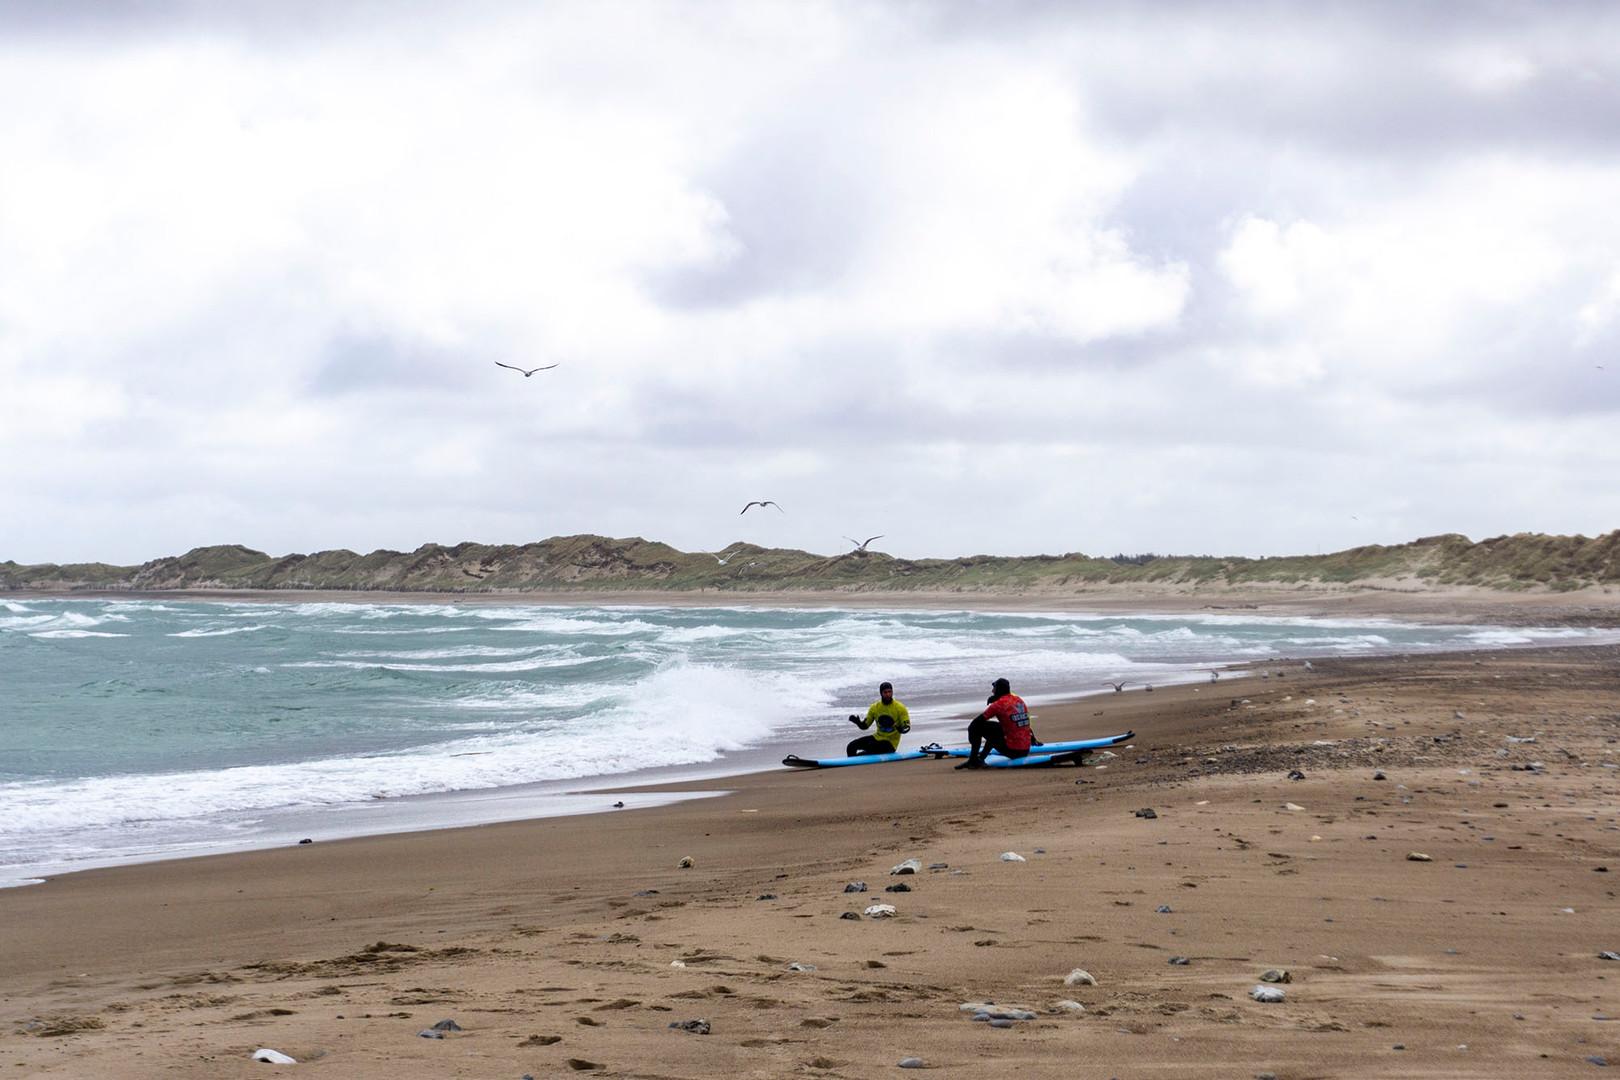 Surfere instrueres i Klitmøller